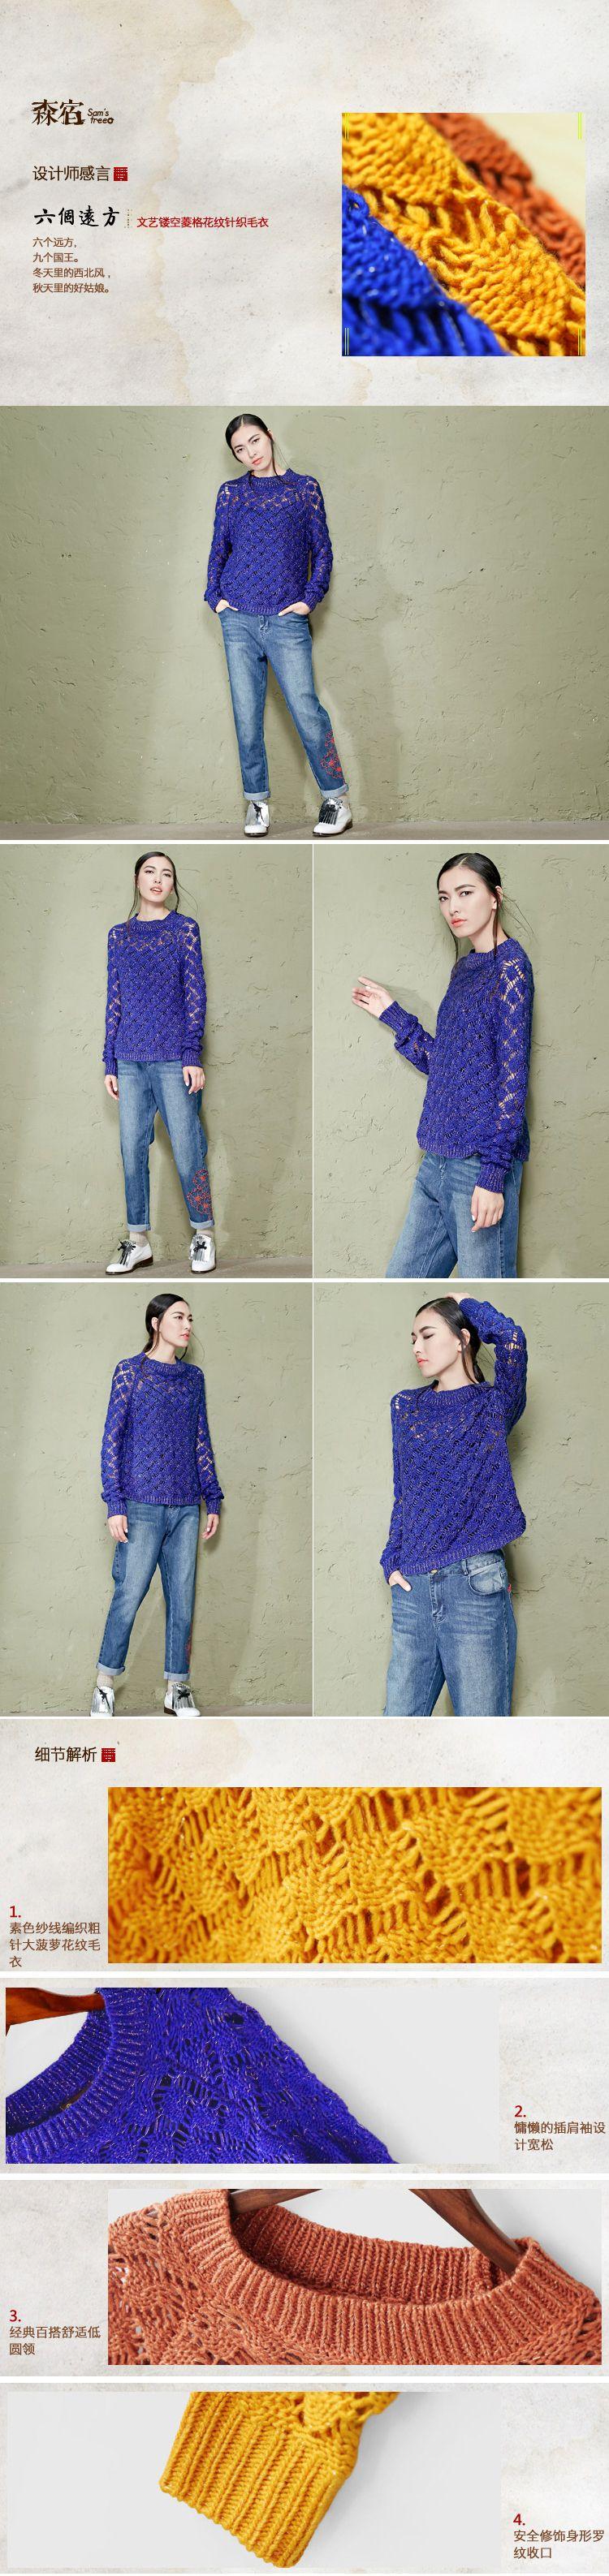 六个远方 文艺镂空菱格花纹针织毛衣